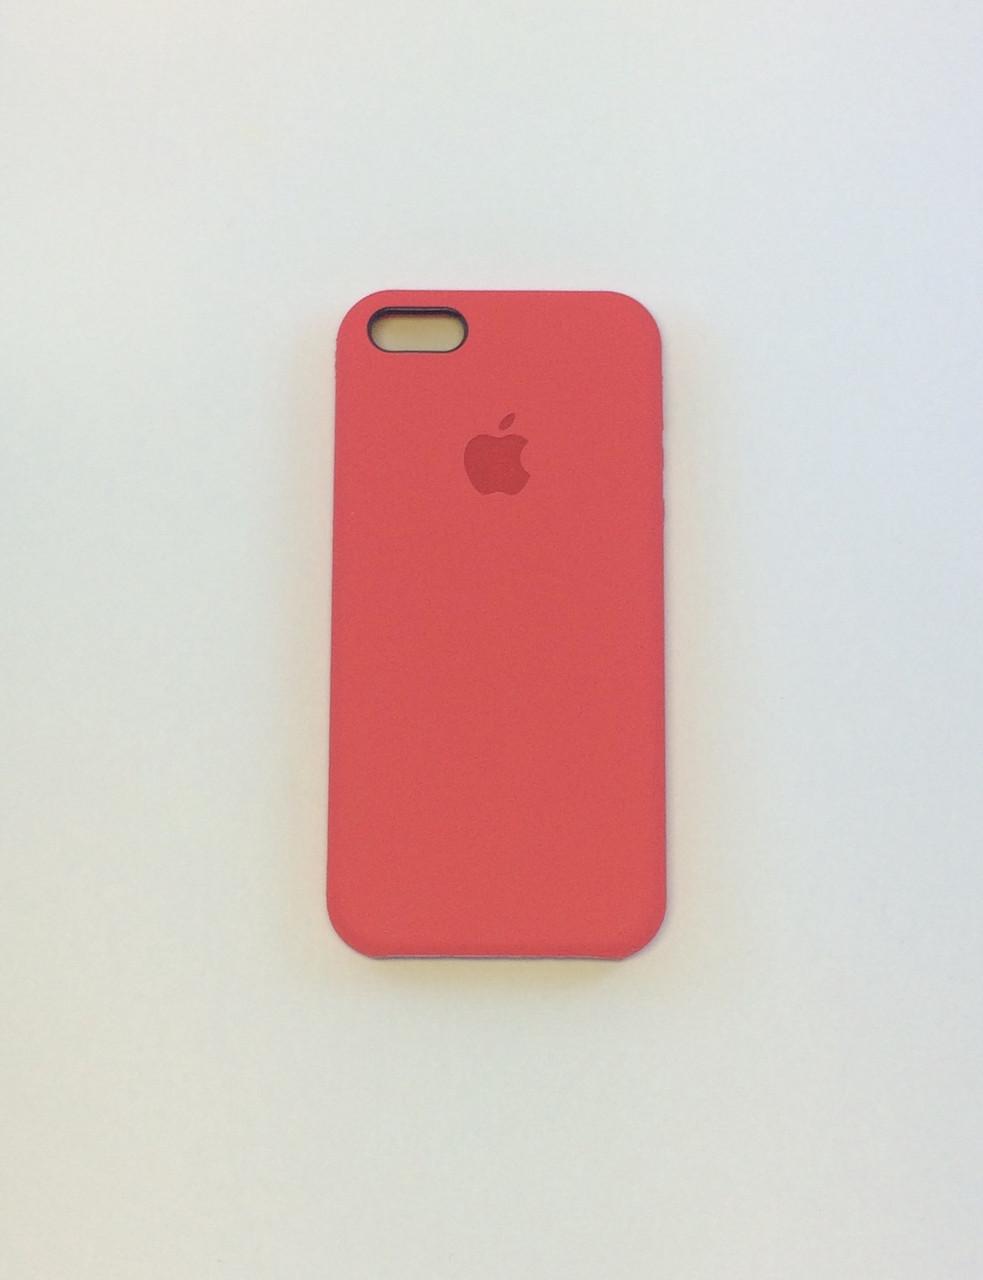 Чехол для iPhone 6/6s, спелая малина, силикон, copy original